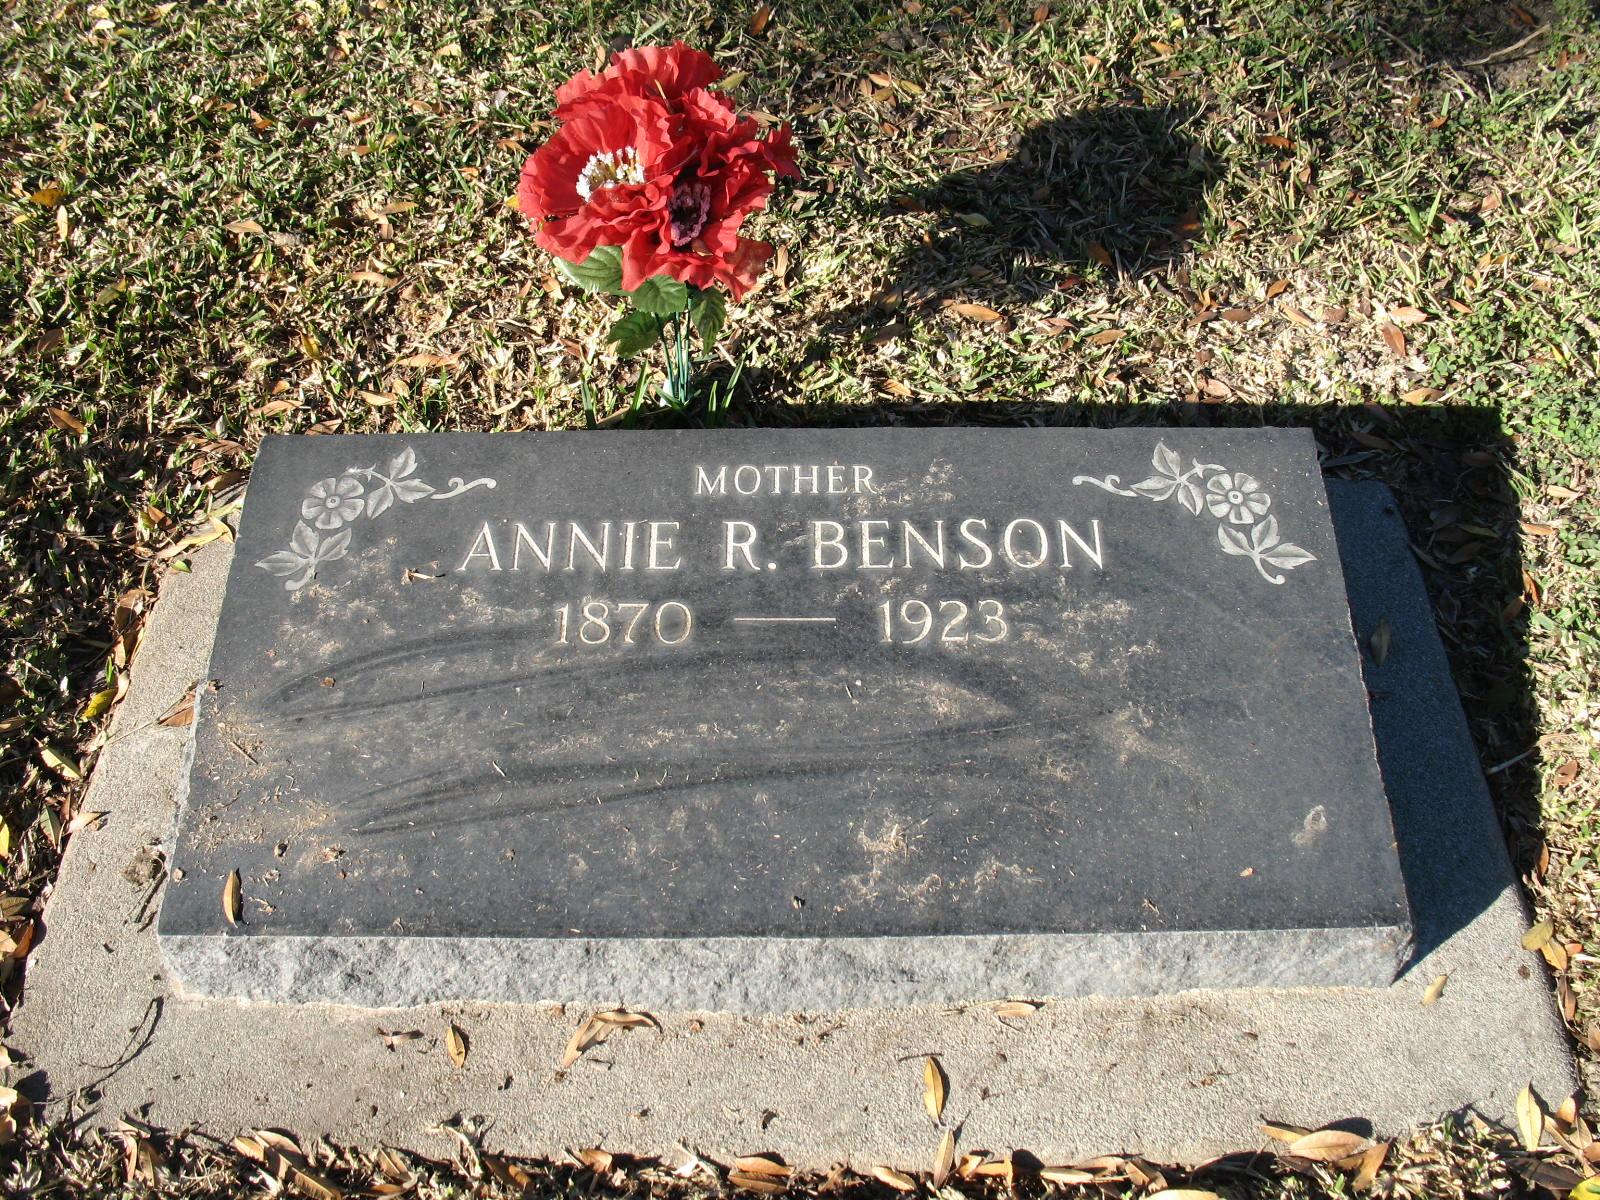 Anna R Benson